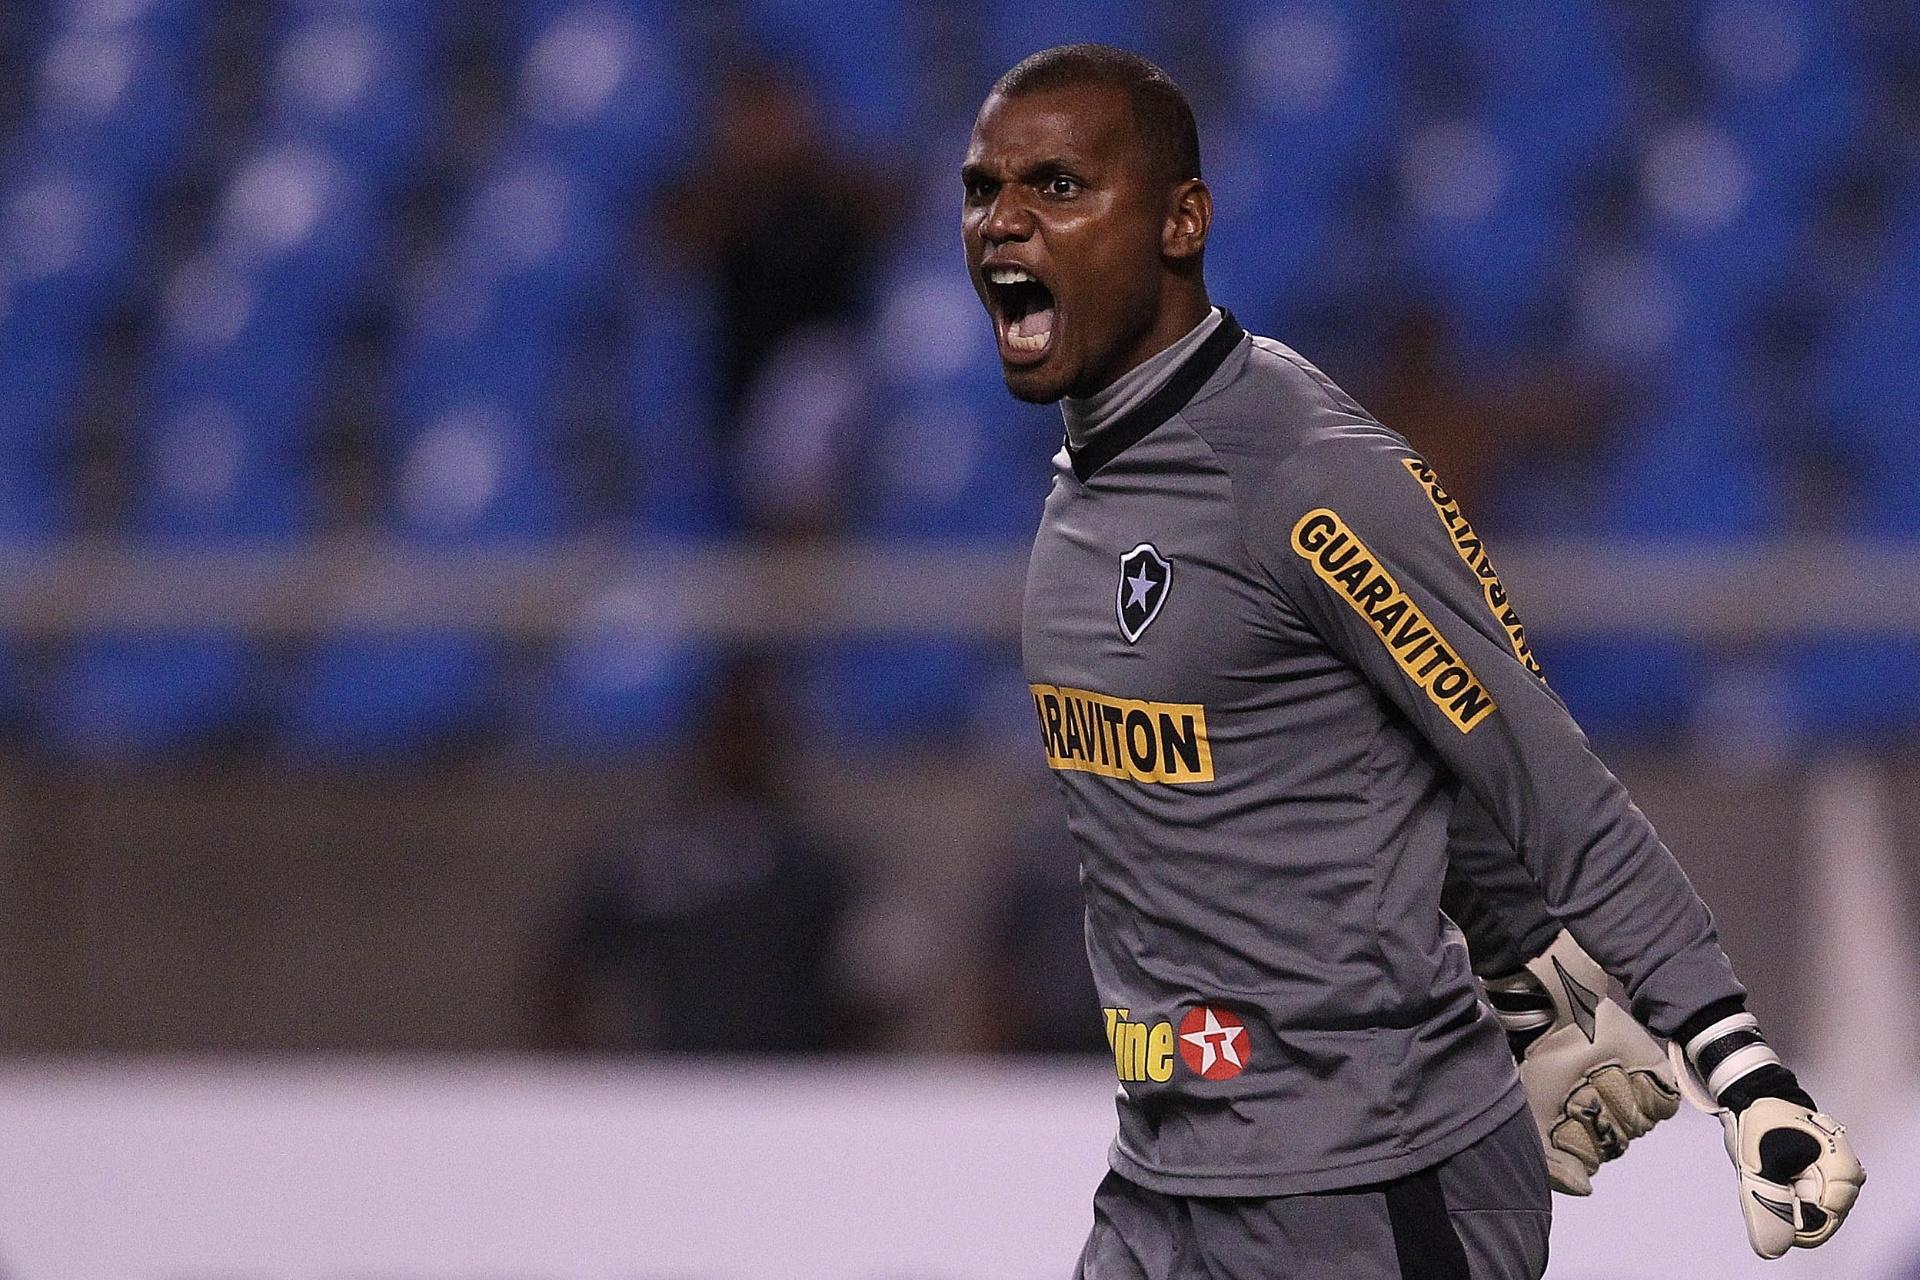 dfccb06711 Botafogo se irrita com dispensa e entra em rota de colisão com Jefferson -  17 10 2014 - UOL Esporte